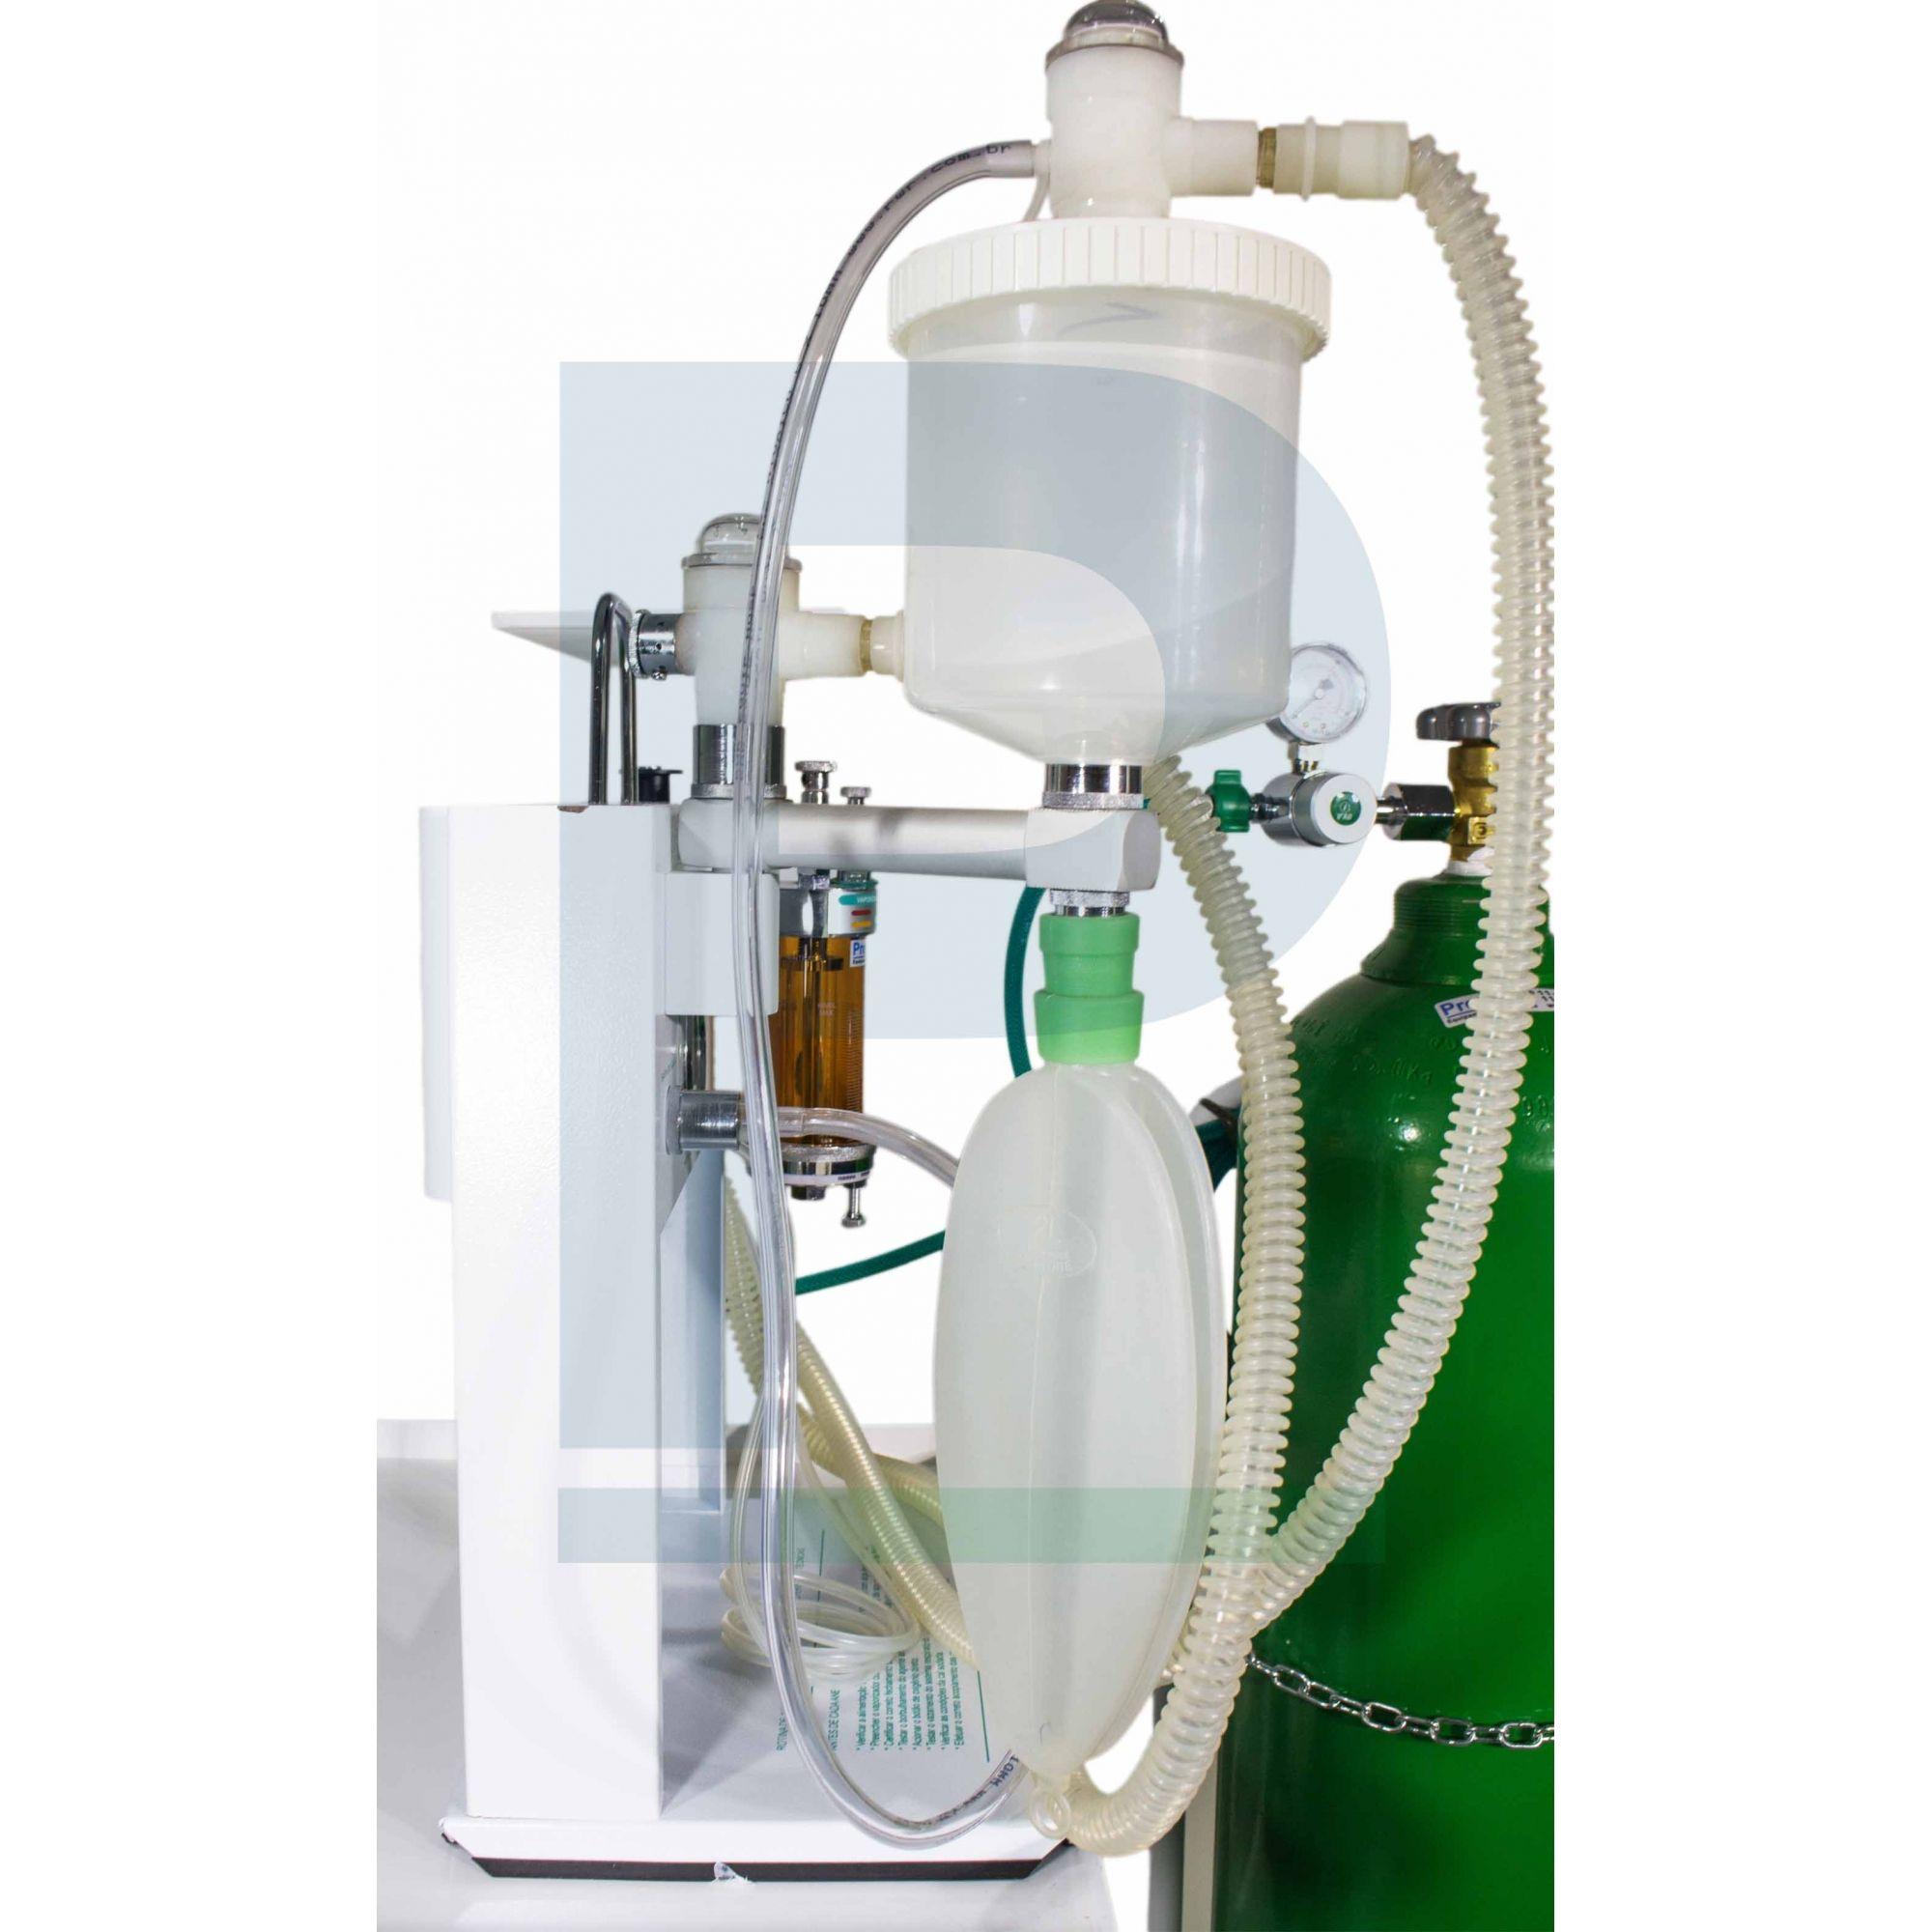 Kit de Anestesia Hipnos completão 50 Litros